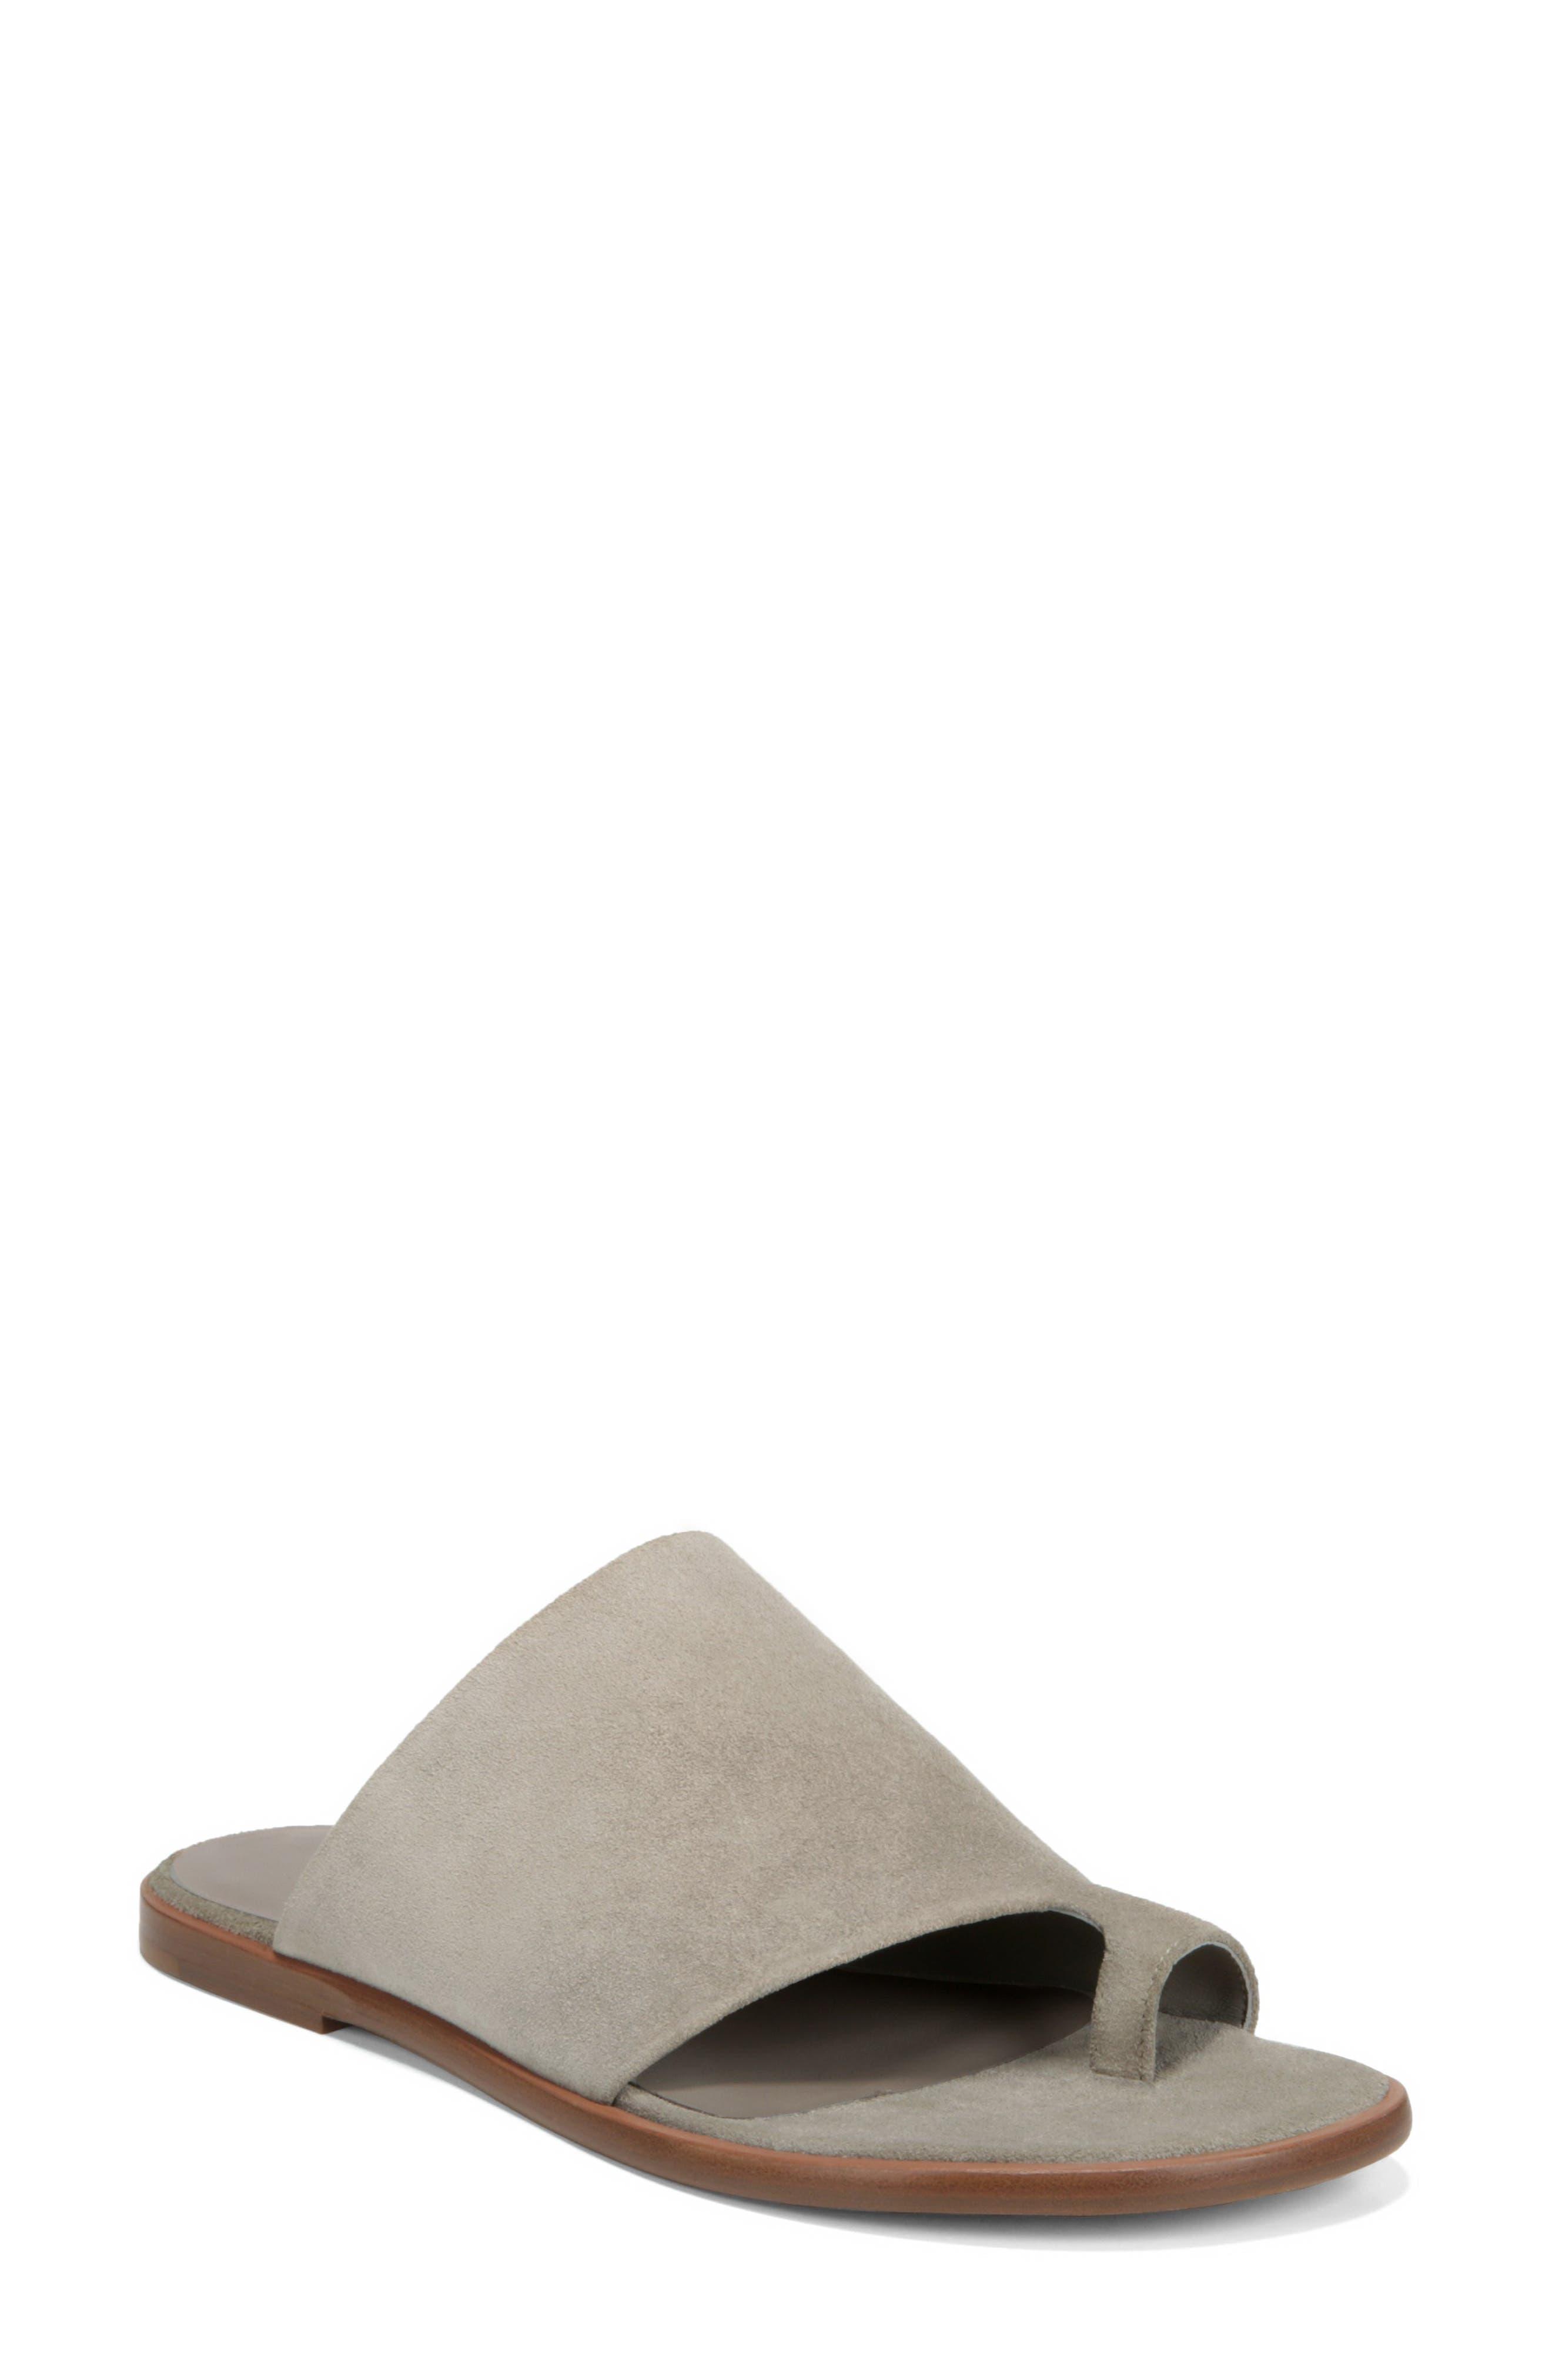 Edris Toe Loop Sandal,                         Main,                         color, LIGHT WOODSMOKE